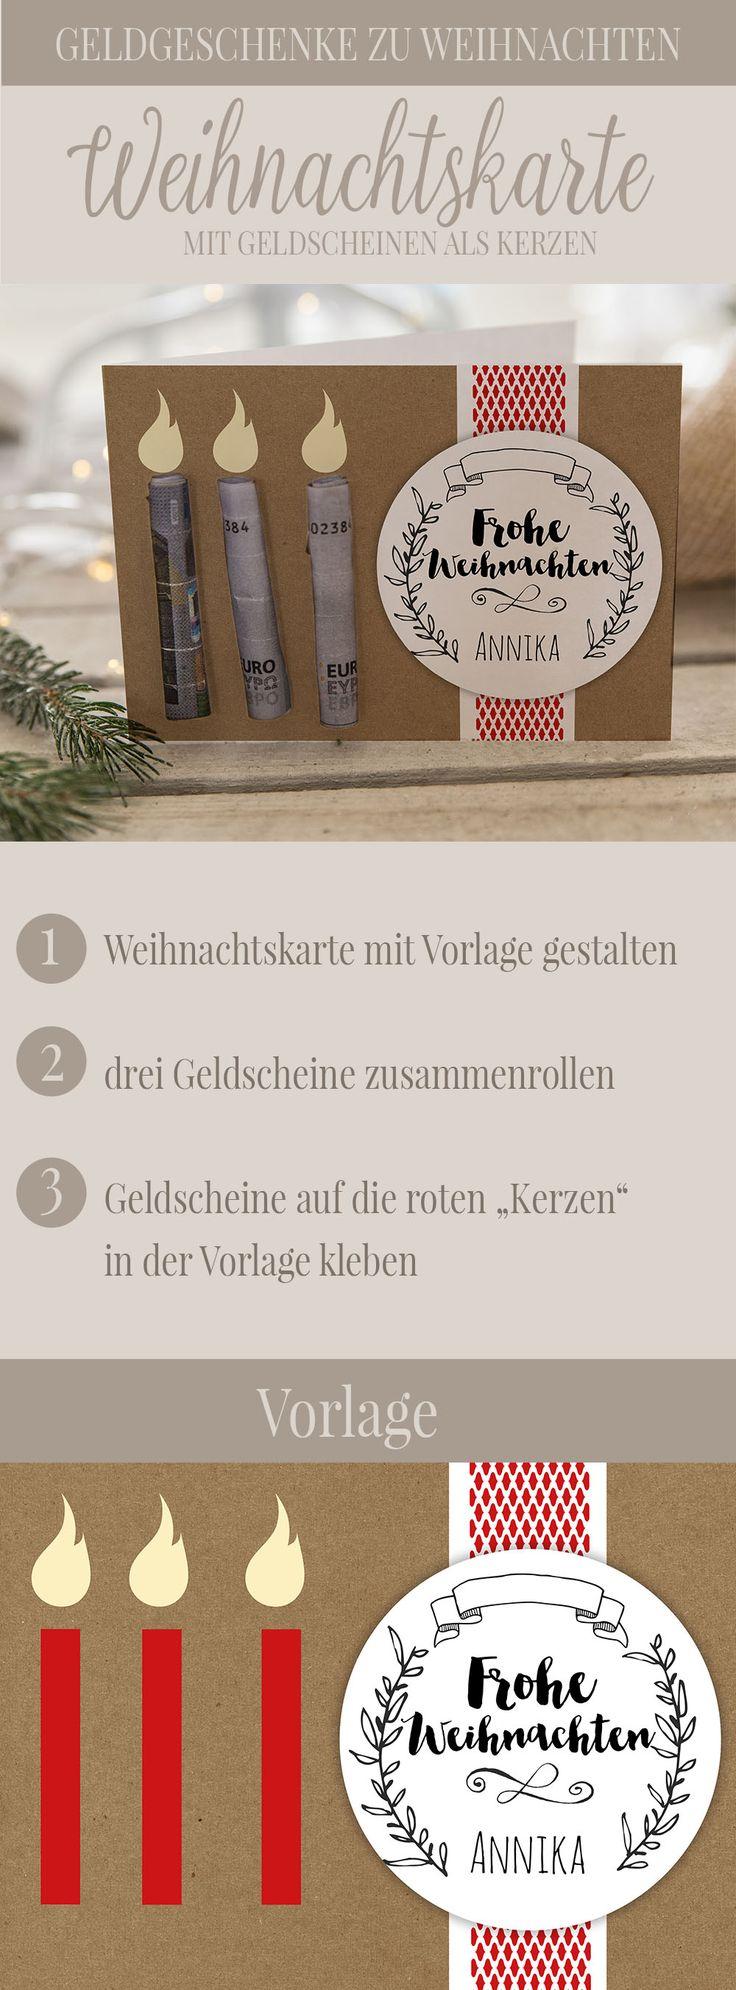 """Weihnachtskarte mit """"Geldkerzen"""". Geldgeschenke zu Weihnachten."""